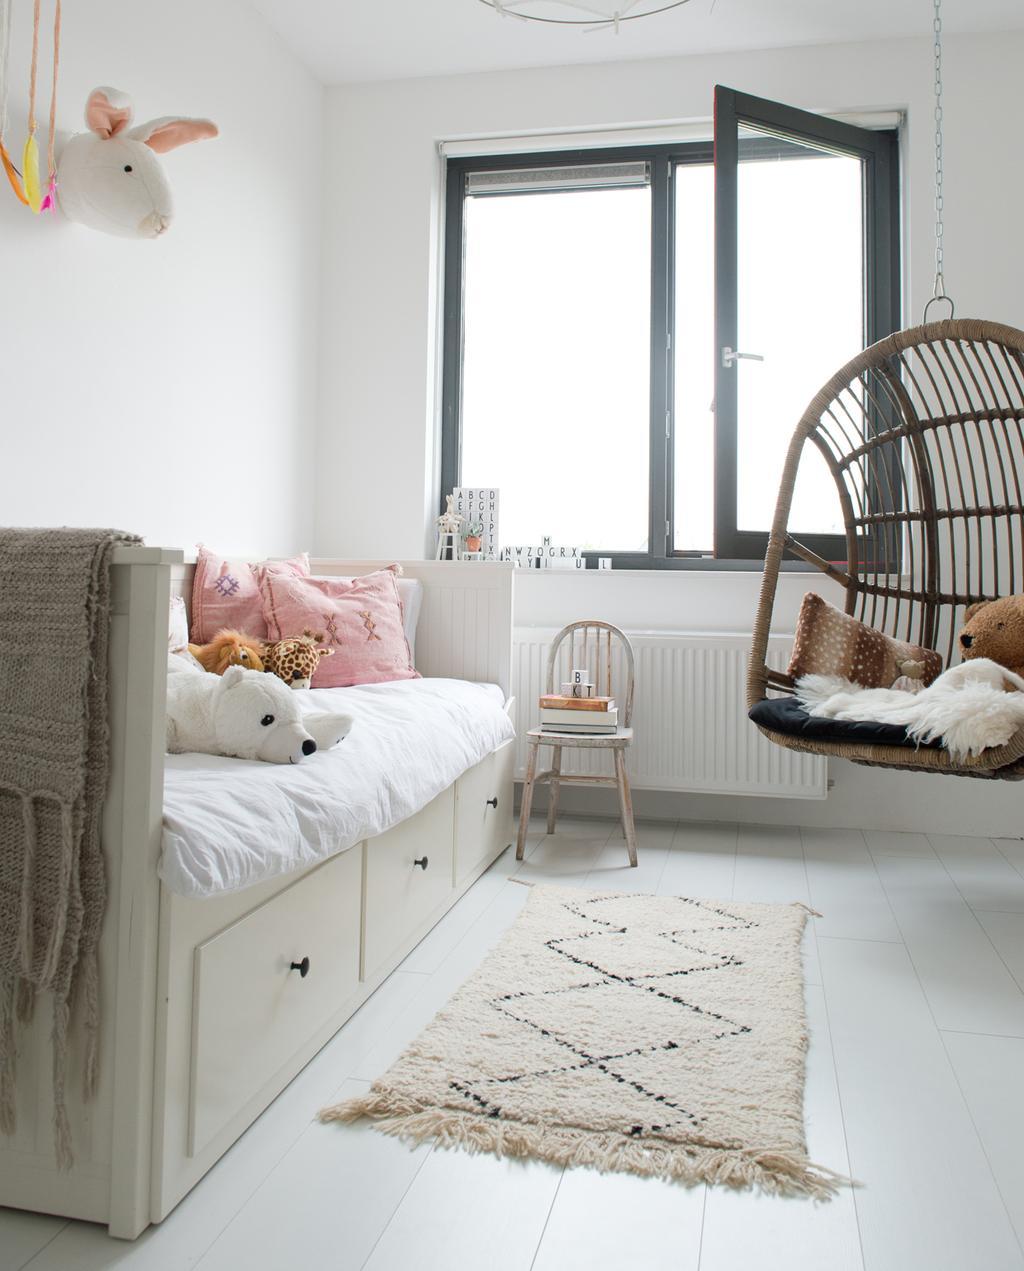 vtwonen 12-2019 binnenkijken special | vrijstaand nieuwbouwhuis in Almere kinderslaapkamer meisje